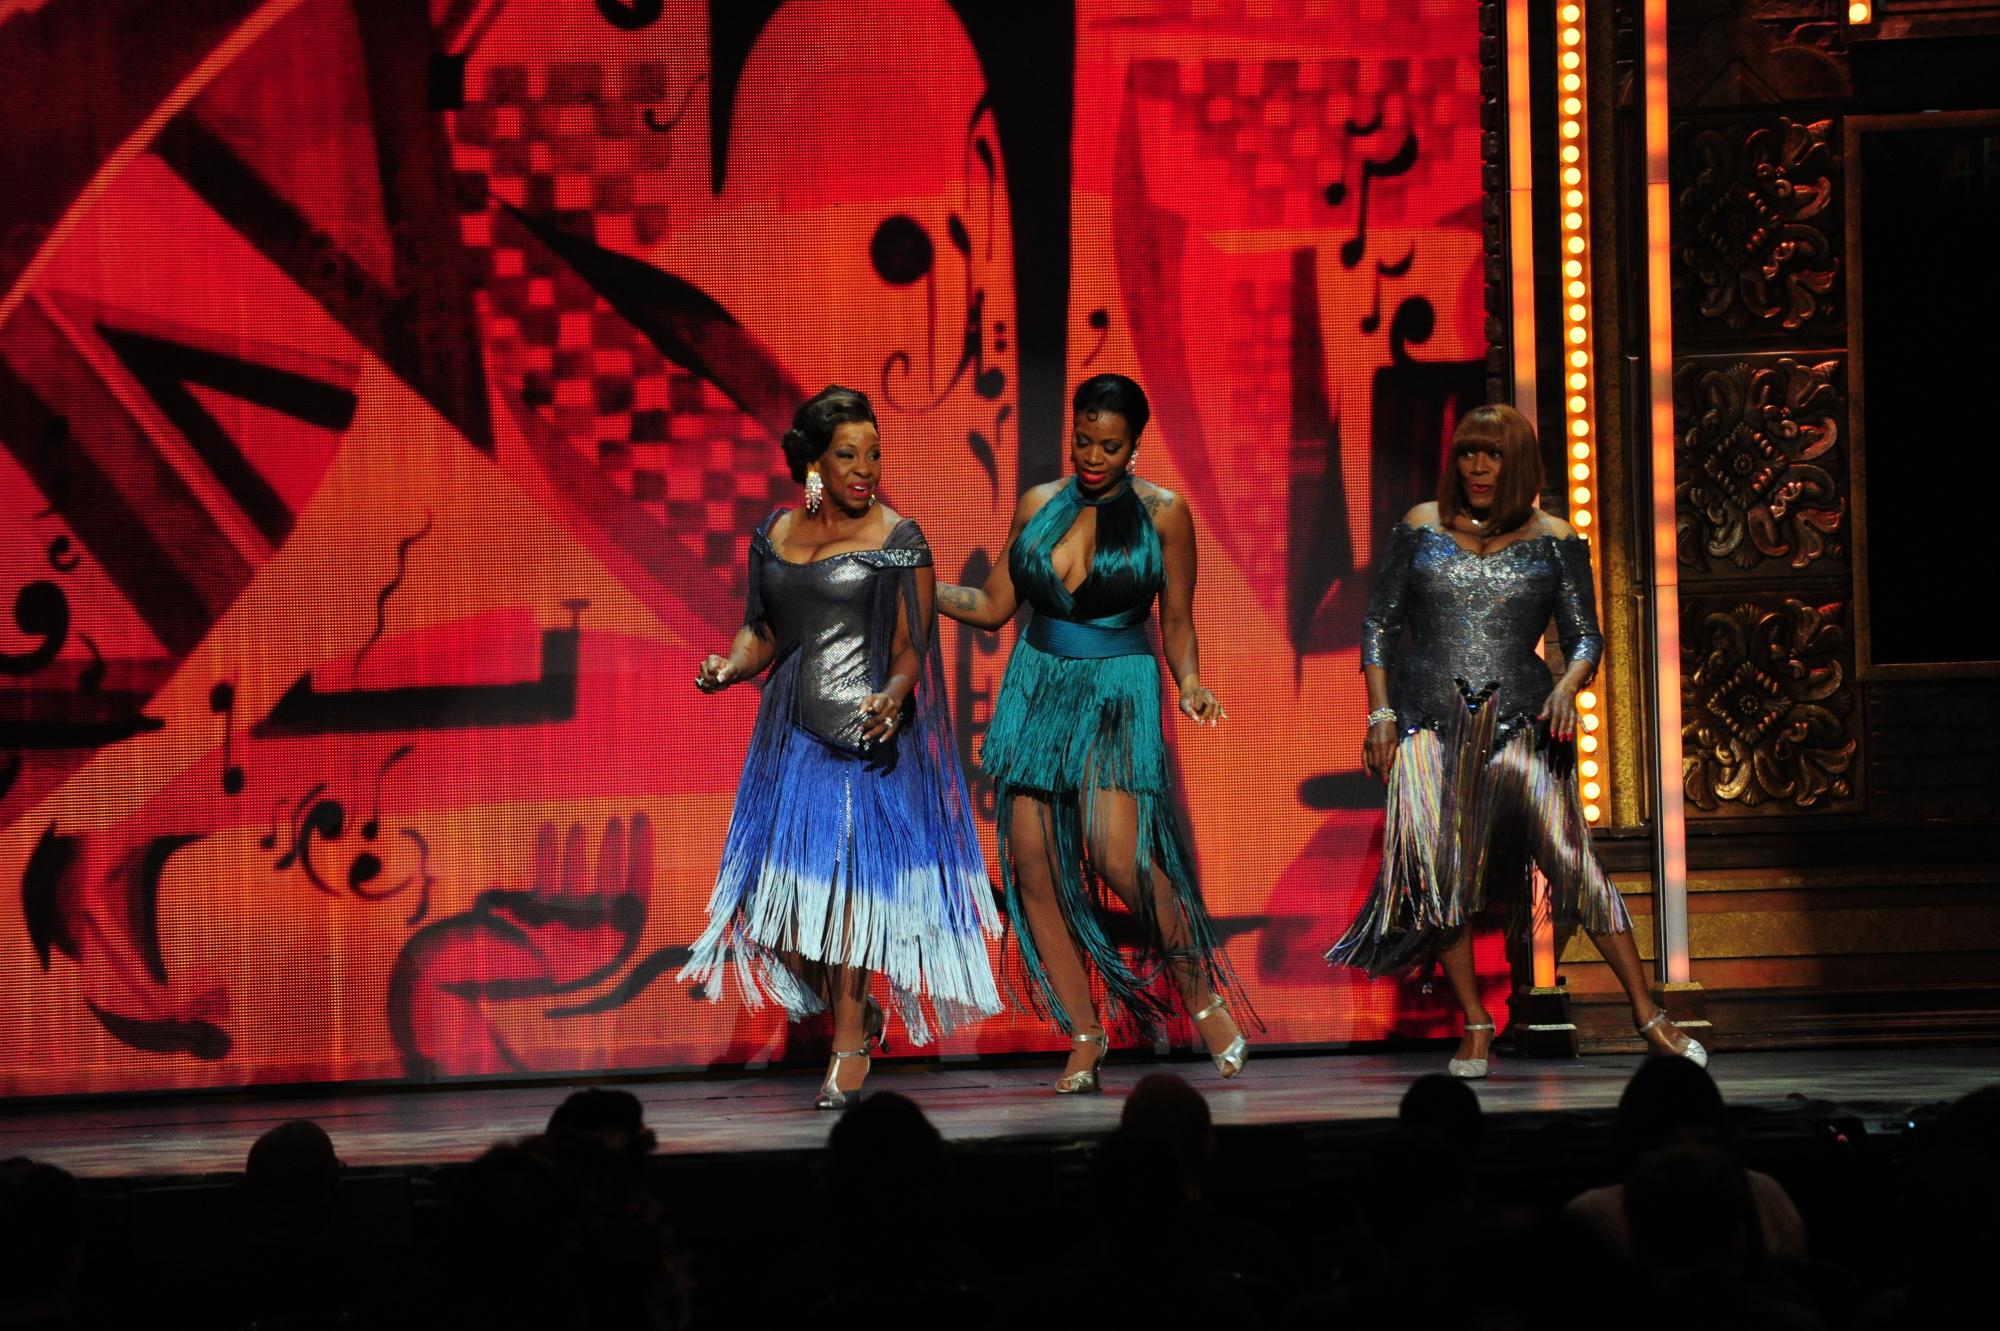 Gladys Knight, Fantasia, Patti LaBelle - 2014 Tony Awards - CBS.com